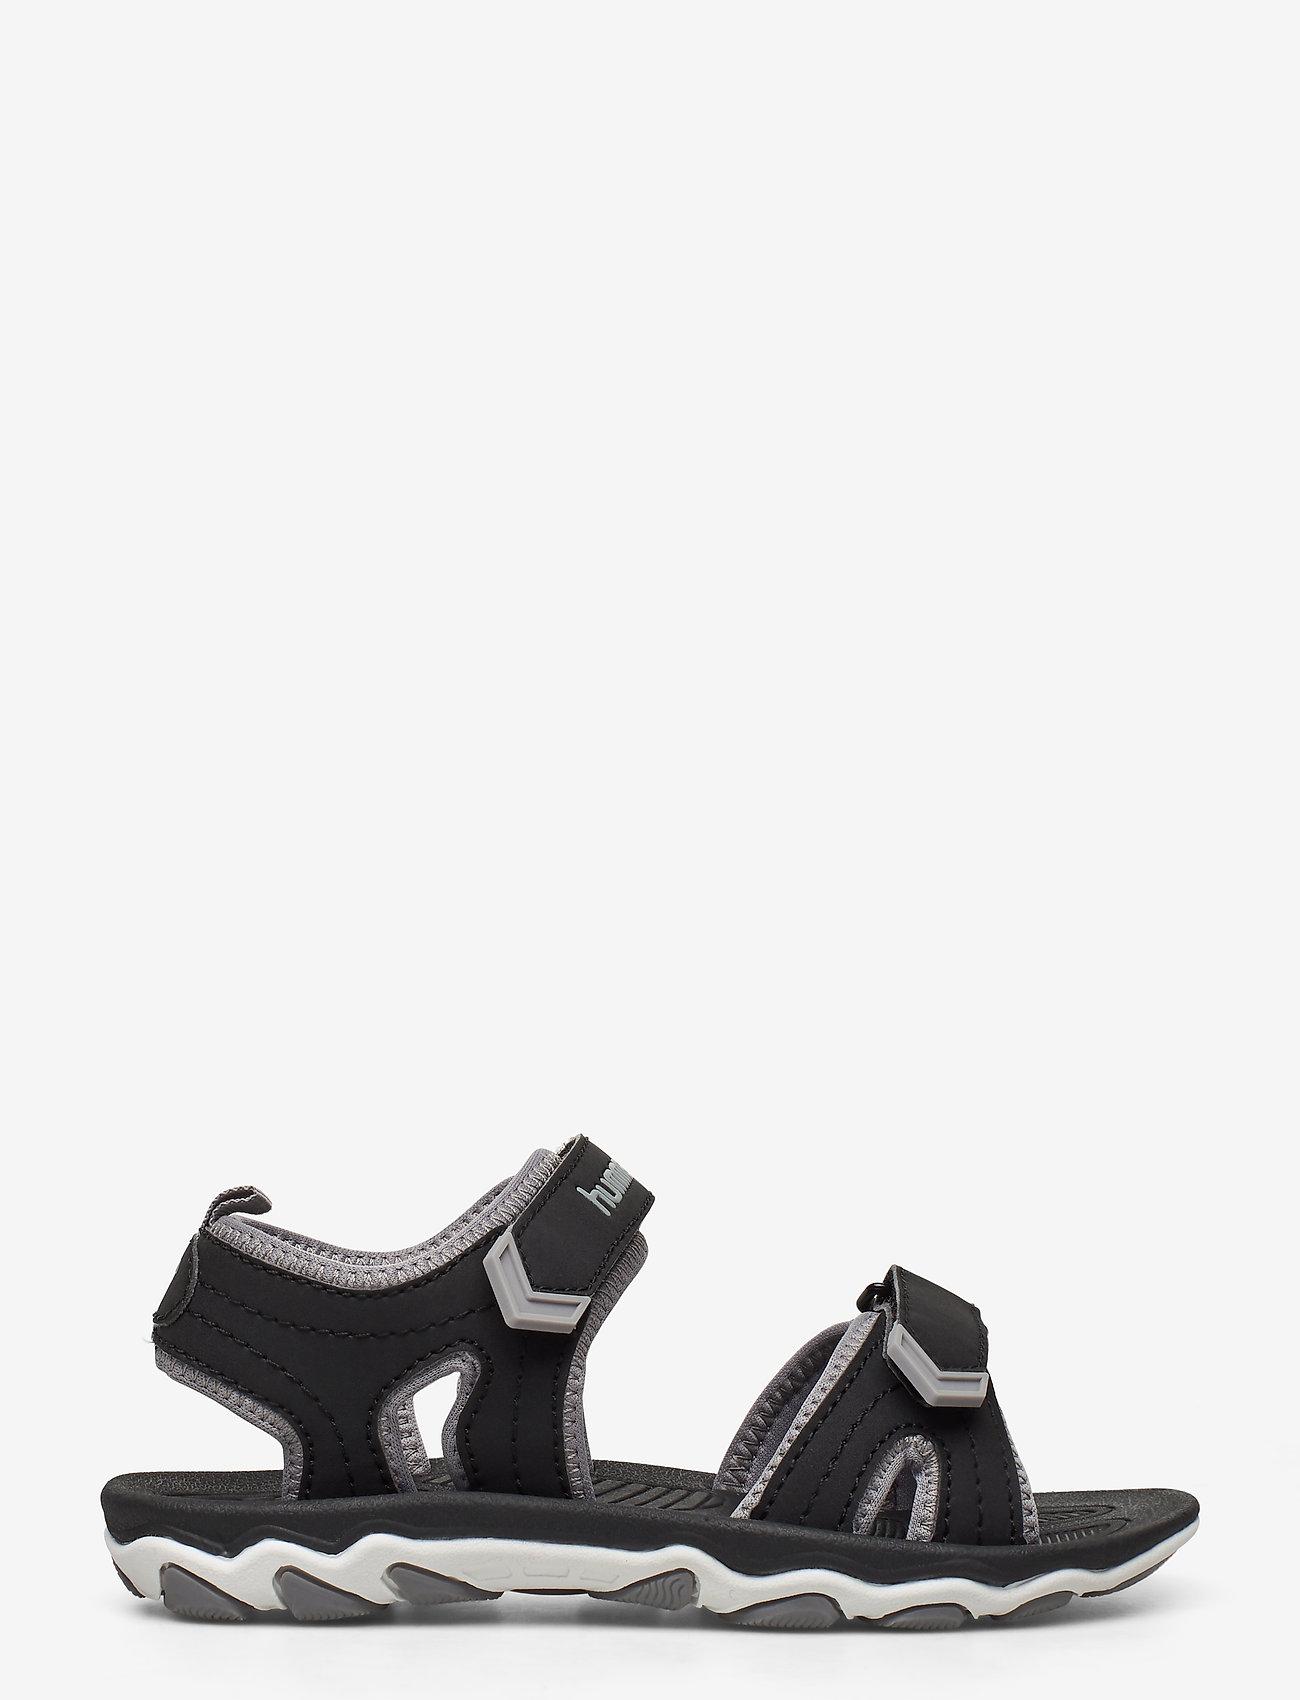 Hummel - SANDAL SPORT JR - sandals - black